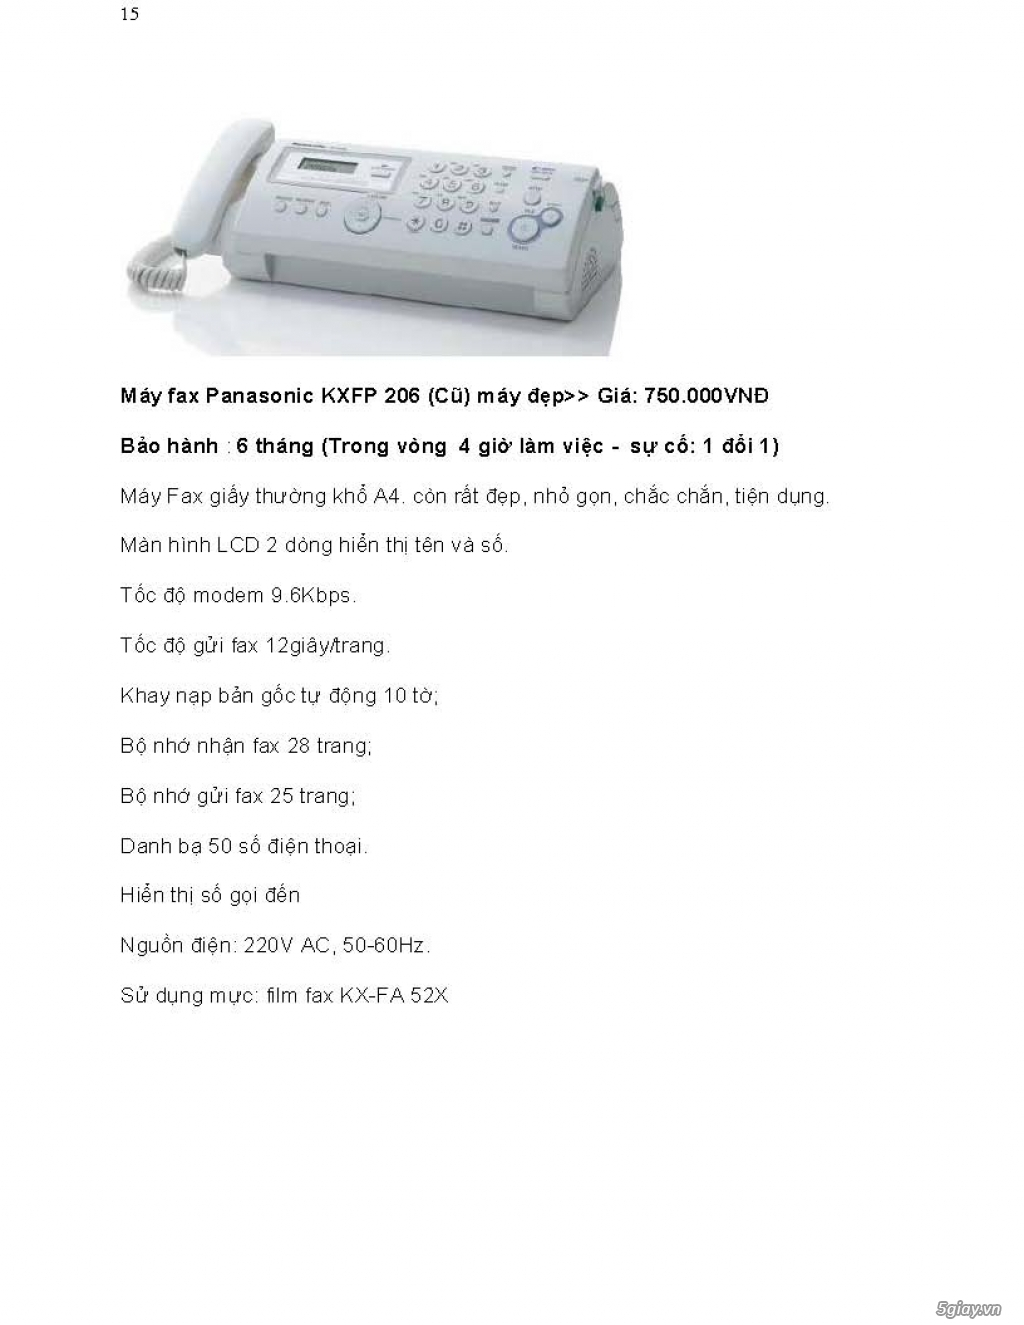 Sửa chữa Bộ Đàm,Máy Fax,Tổng Đài - 26